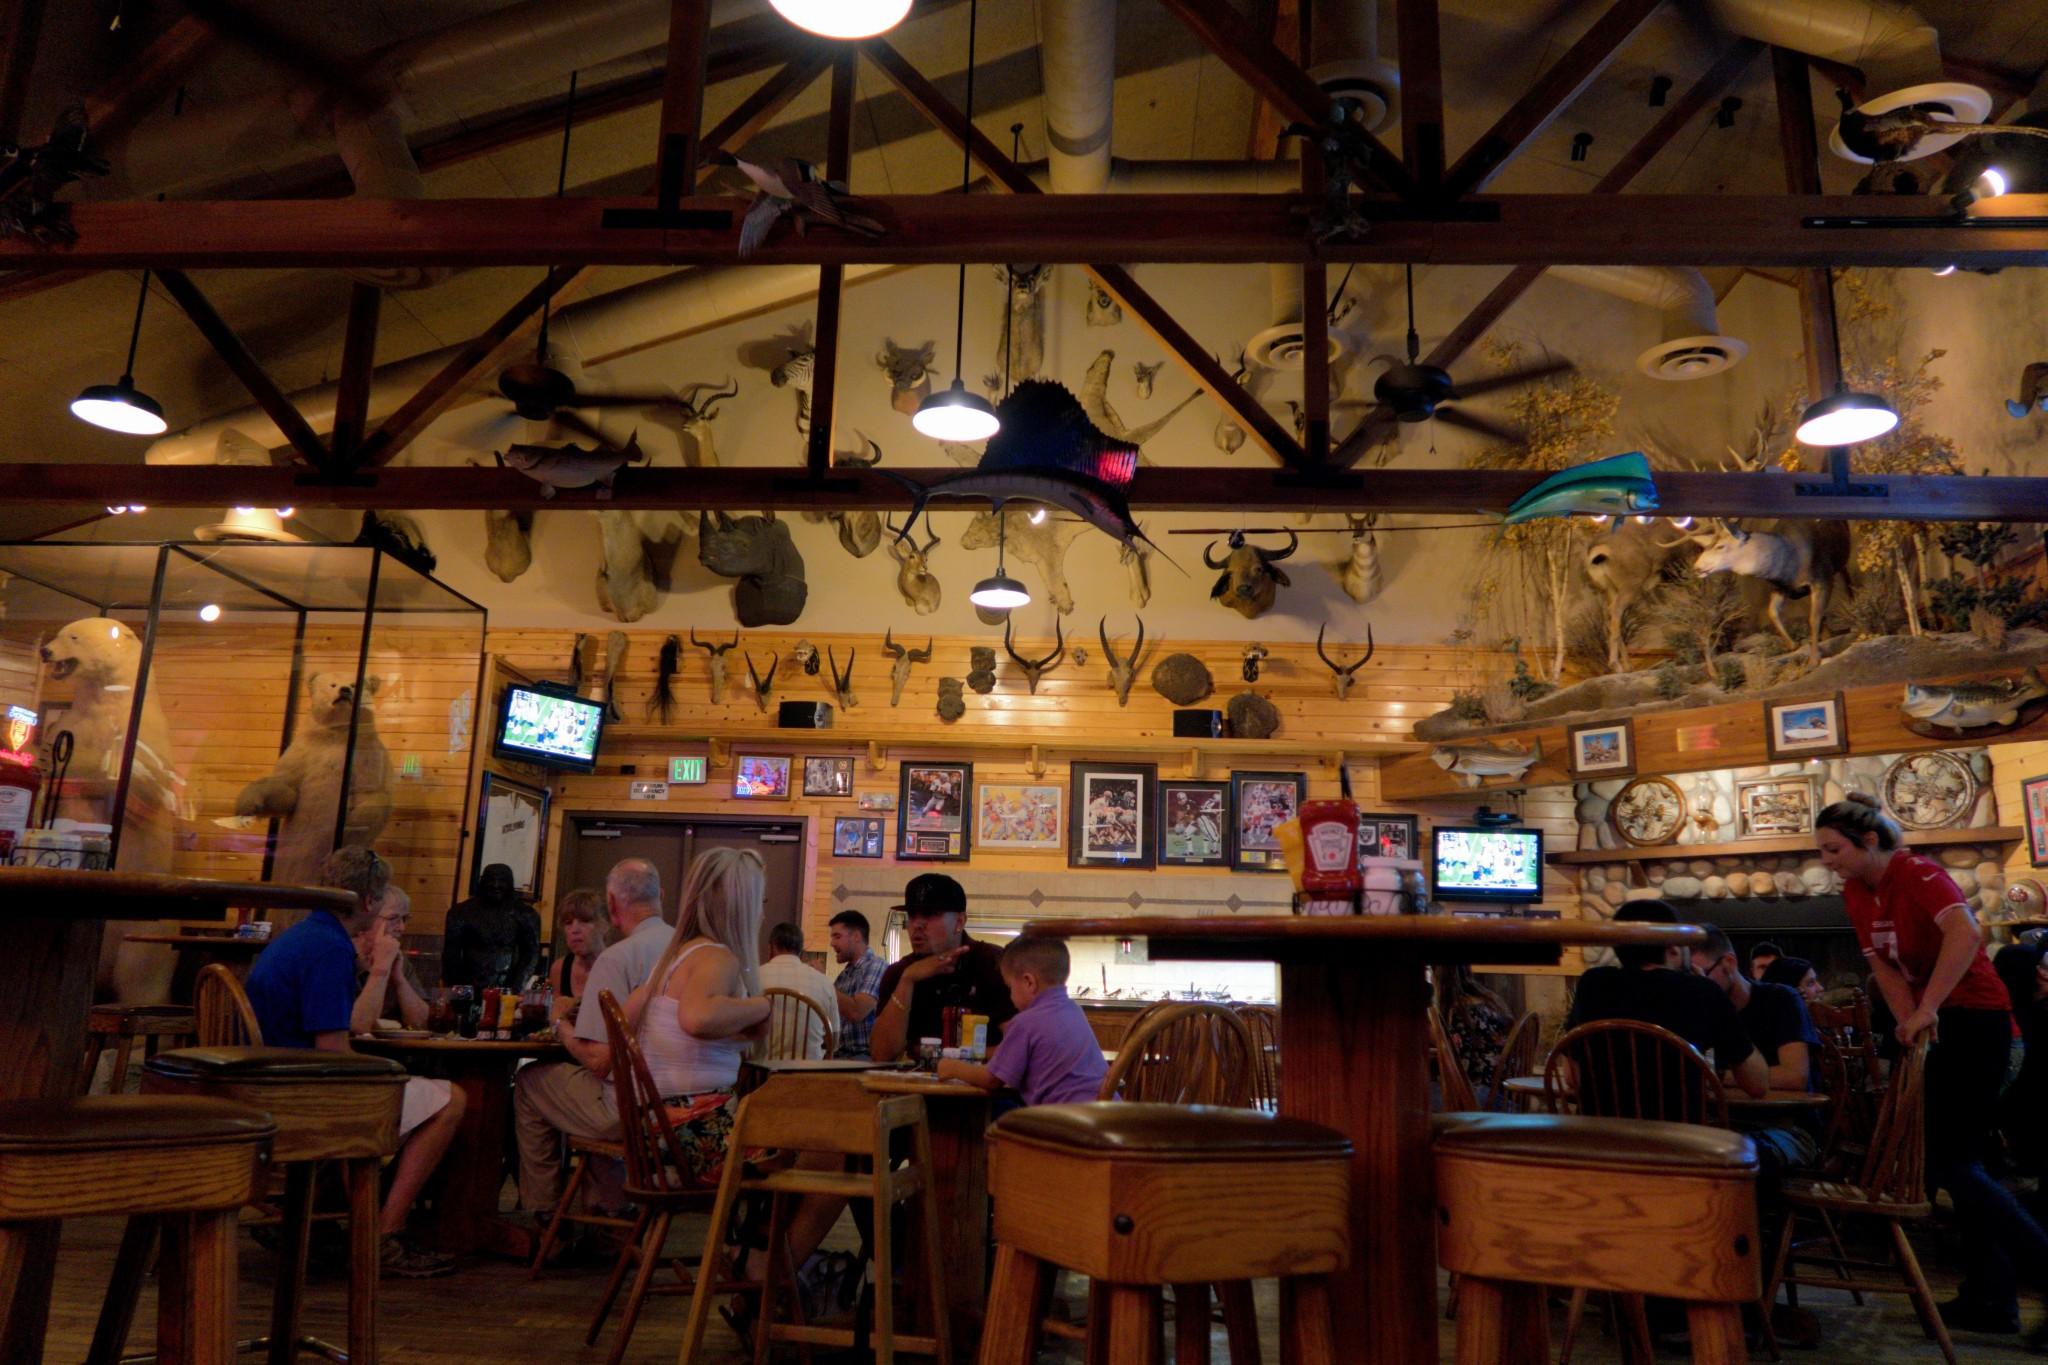 Il ristorante italo-americano Granzella's, lungo la Highway 5 a Williams, CA. Nel ristorante si possono trovare centinaia di trofei di caccia di tutti i continenti, inclusi due giganteschi orsi bianchi impagliati.